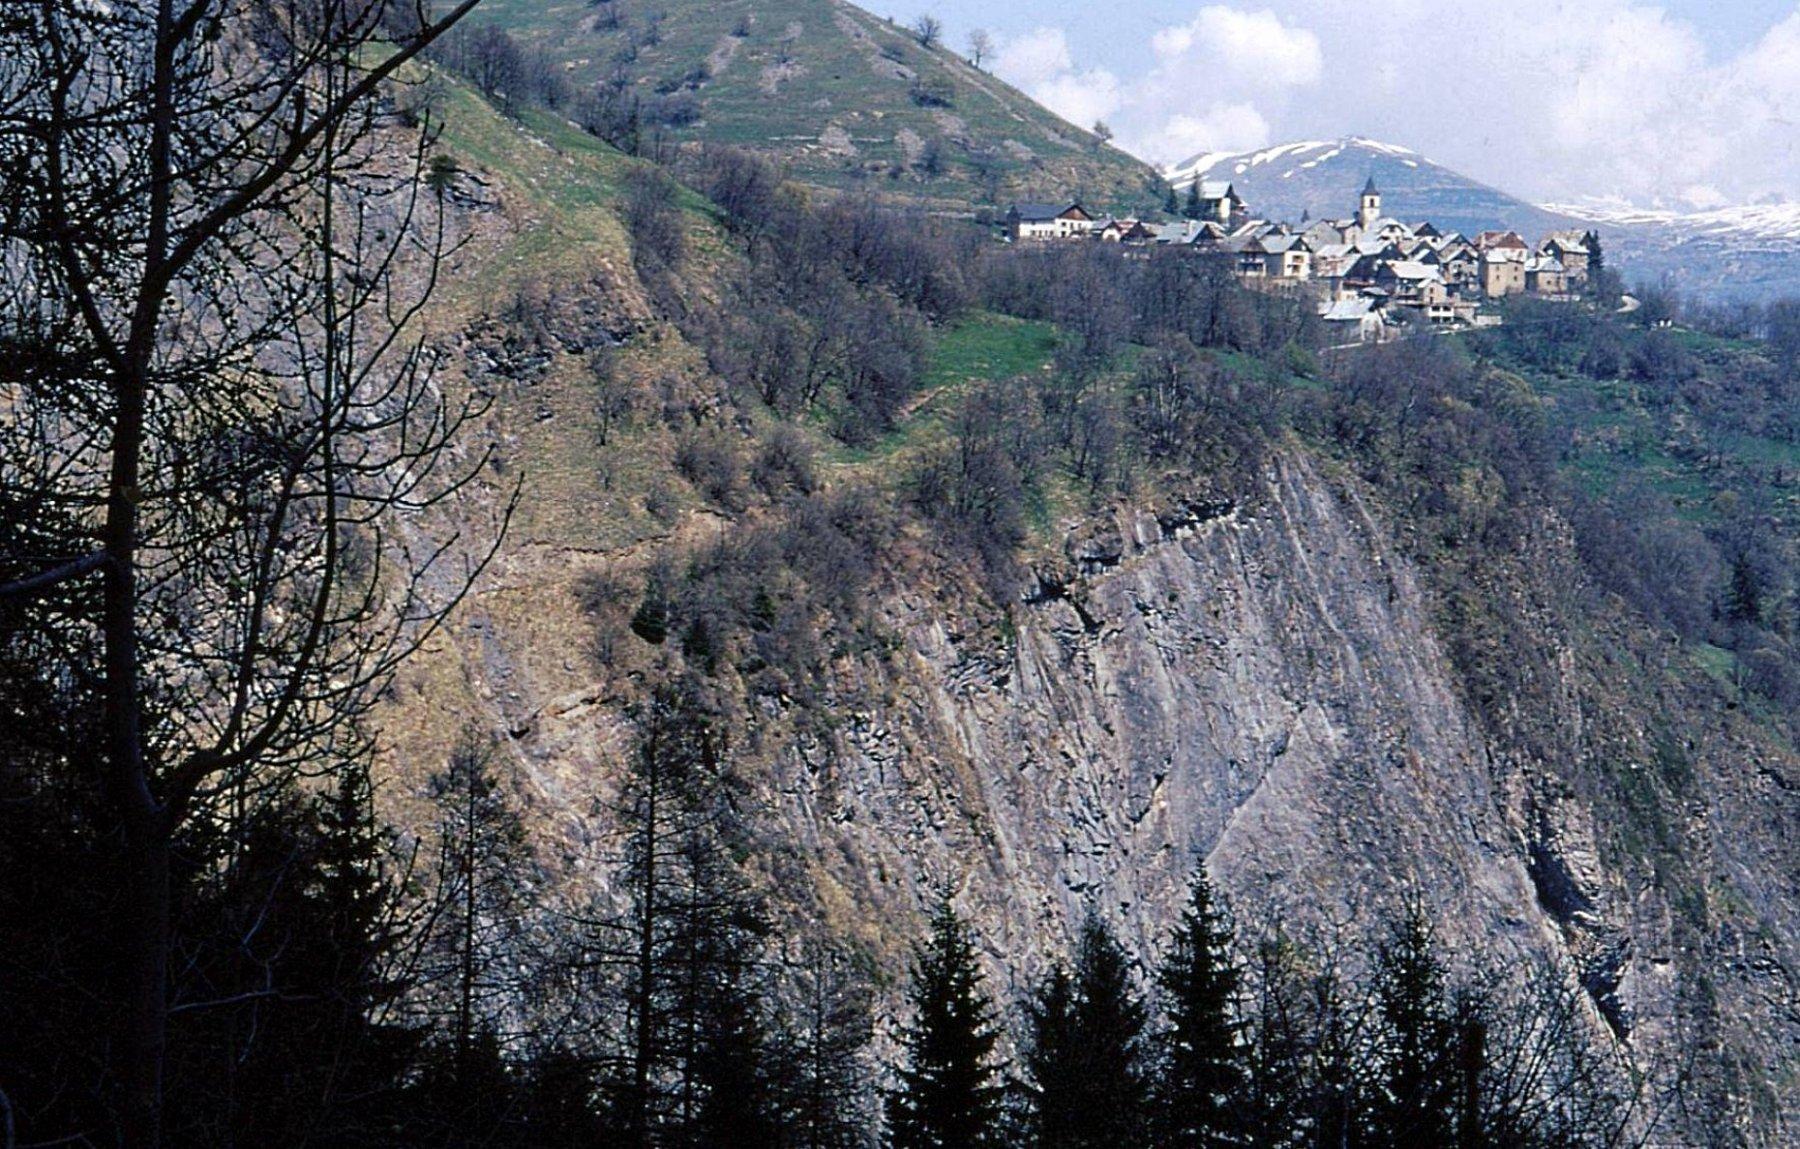 ben visibile un tratto del sentiero esposto che parte da Villard Notre Dame